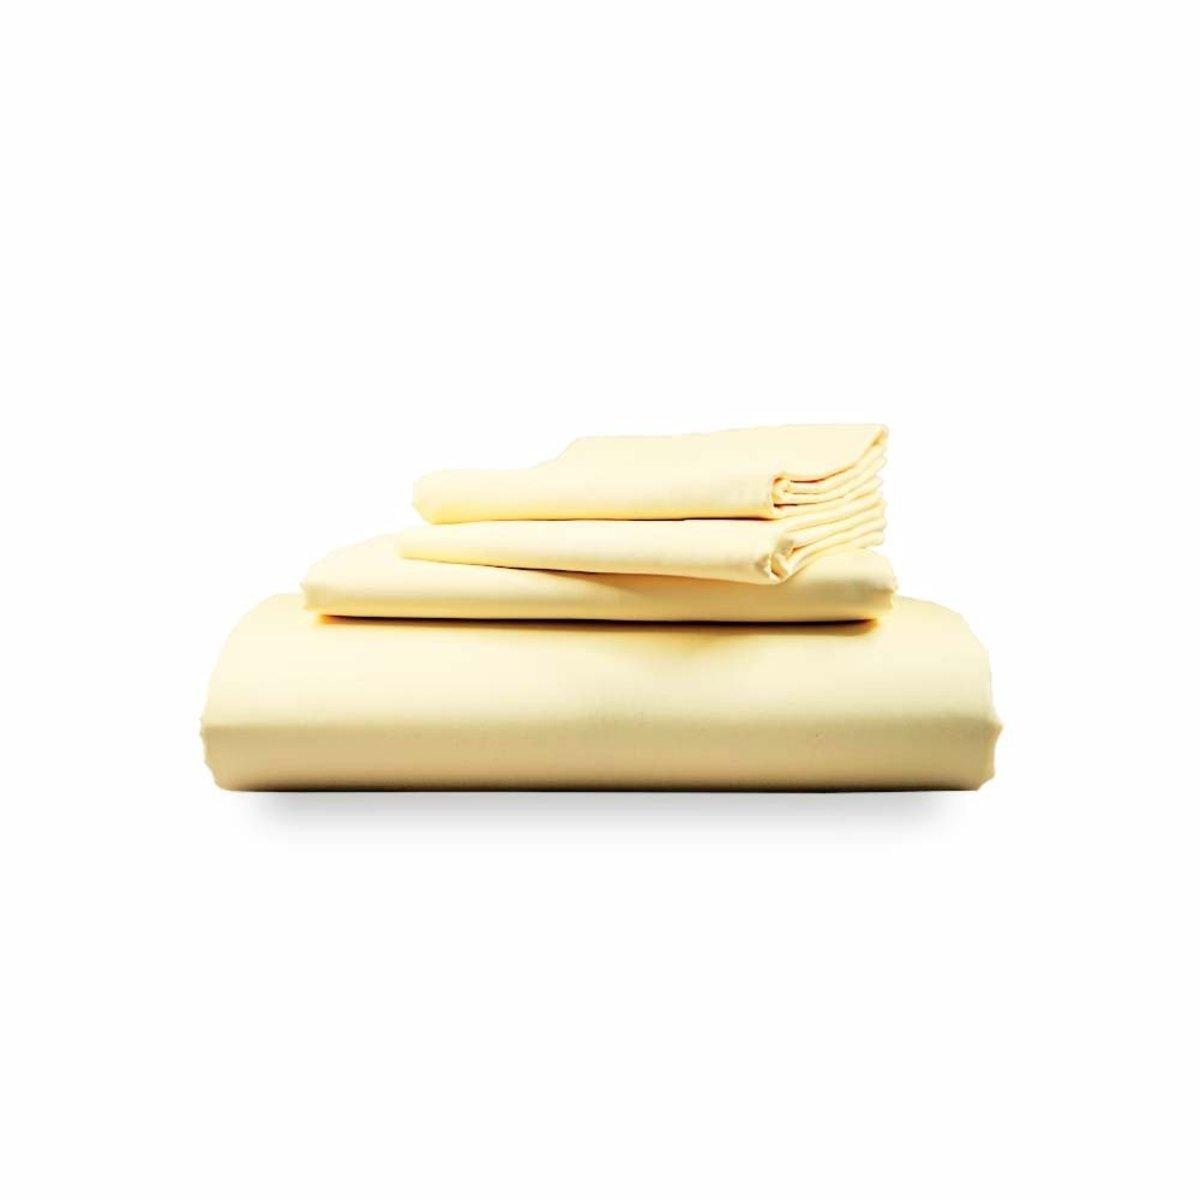 雙人【象牙】四件裝:床笠、床單、2枕頭套 名酒店專用 瑞士認證 高針數100% 頂級埃及棉